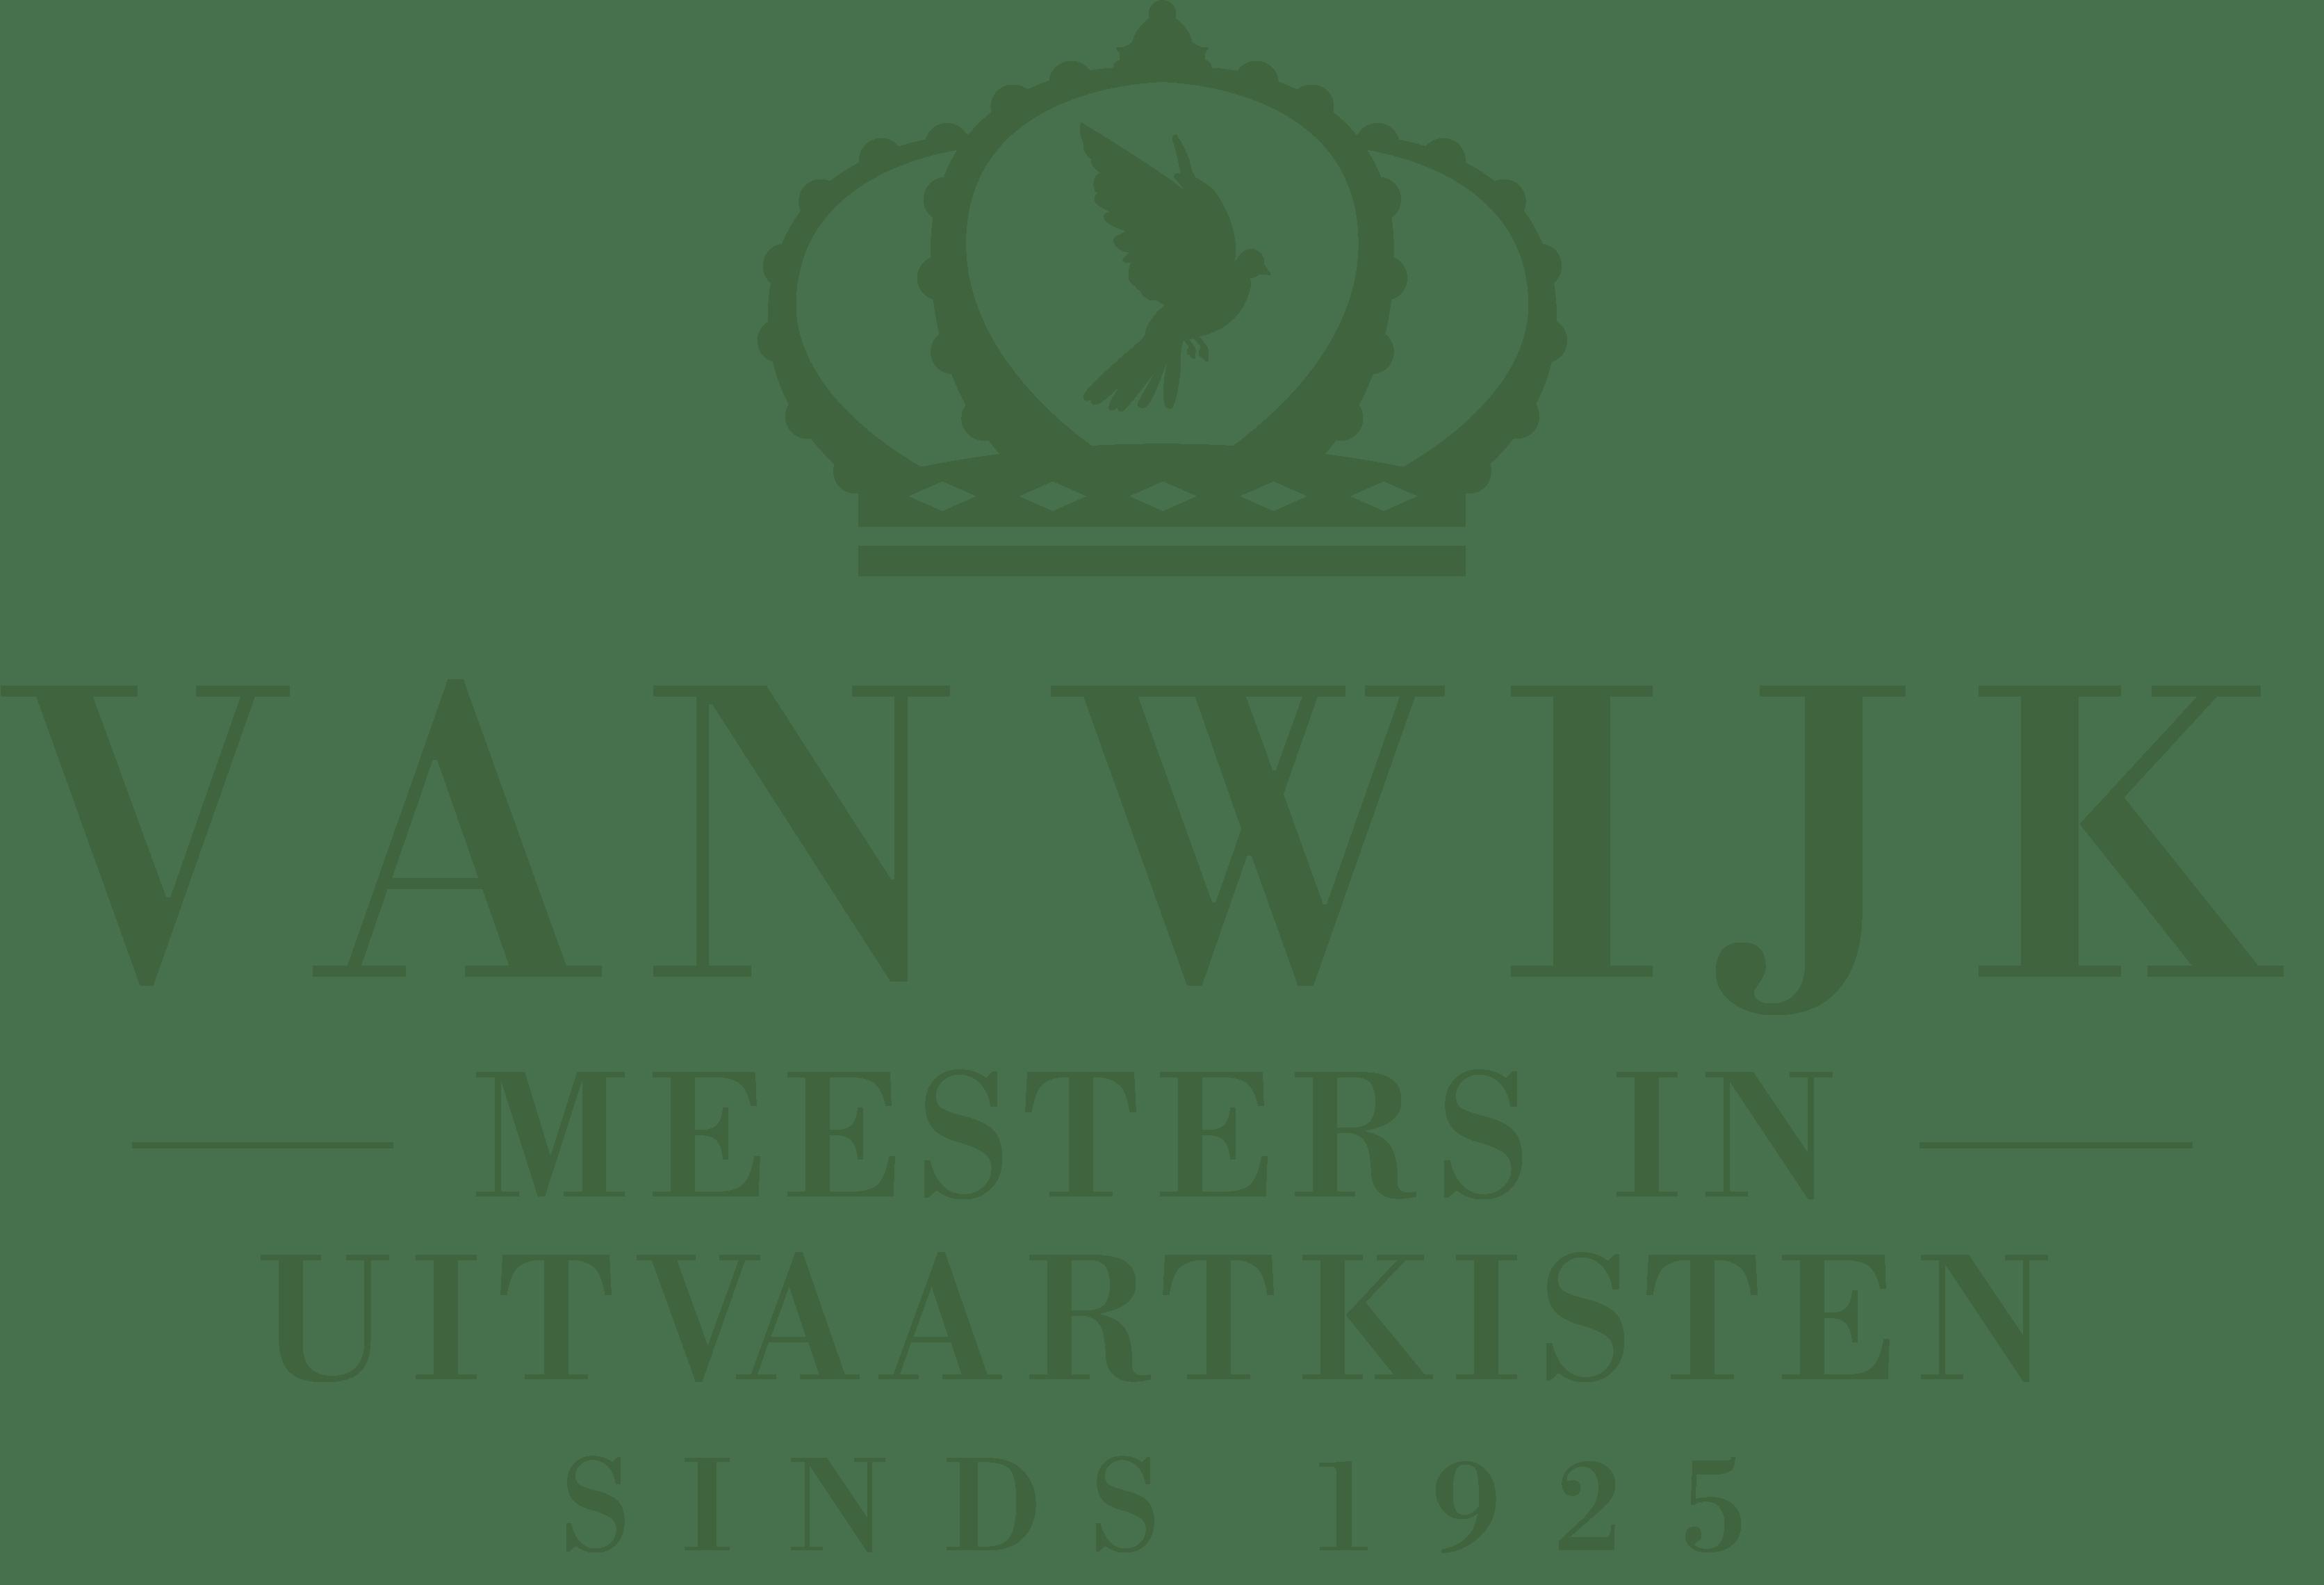 Van Wijk Uitvaartkisten is een vijf generaties jong familiebedrijf, dat sinds de oprichting in 1925 zijn sporen heeft verdiend in de uitvaartbranche. Sinds enige jaren produceert Van Wijk tevens milieuvriendelijke uitvaartkisten